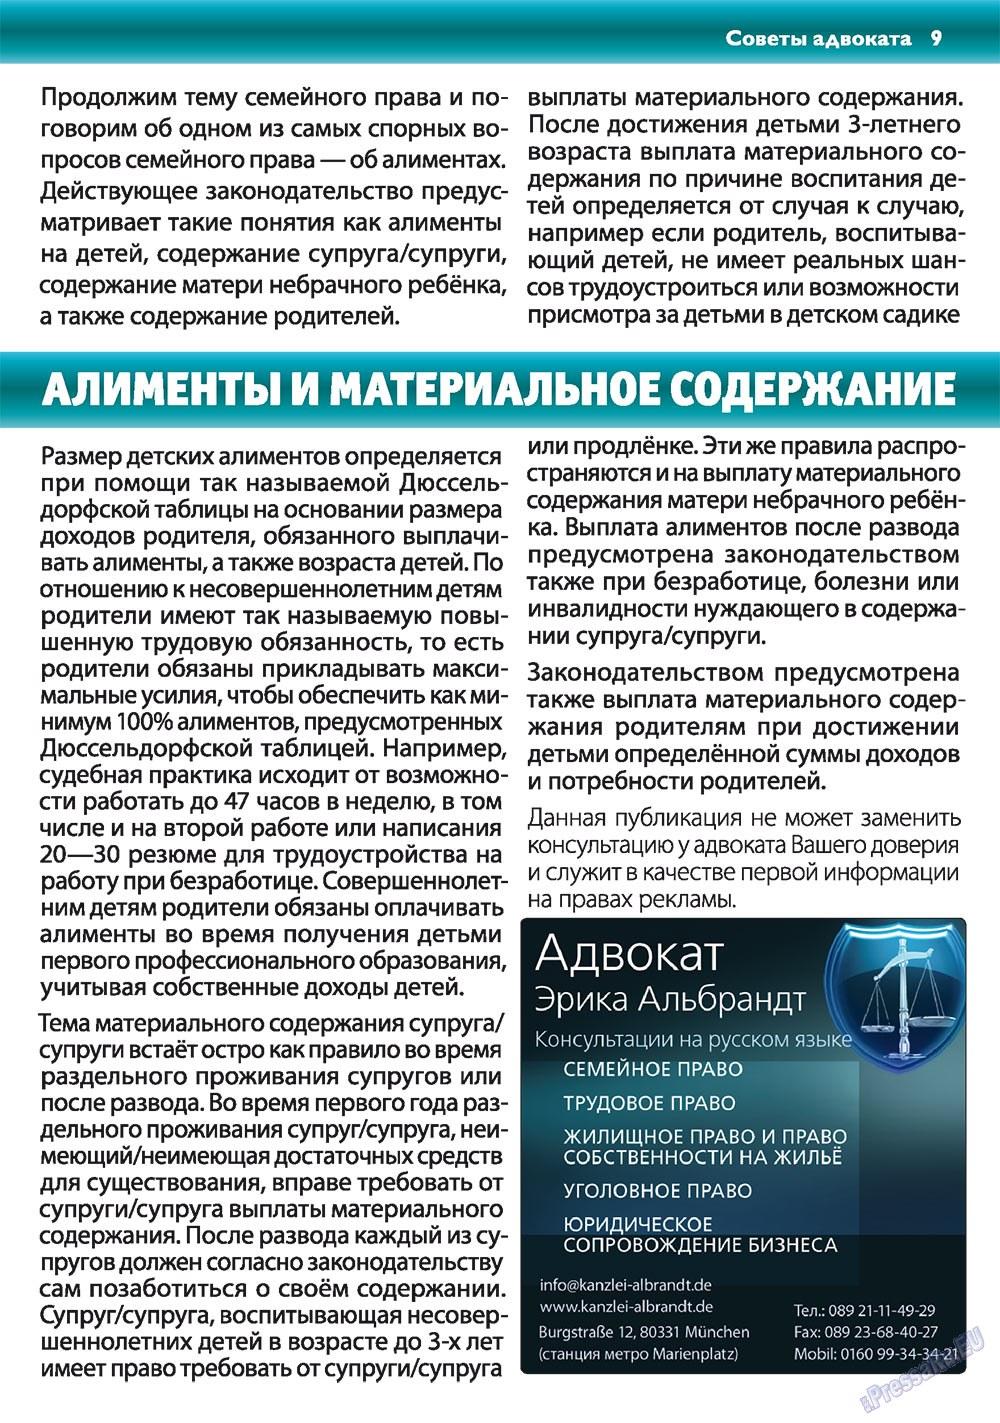 Апельсин (журнал). 2010 год, номер 16, стр. 9